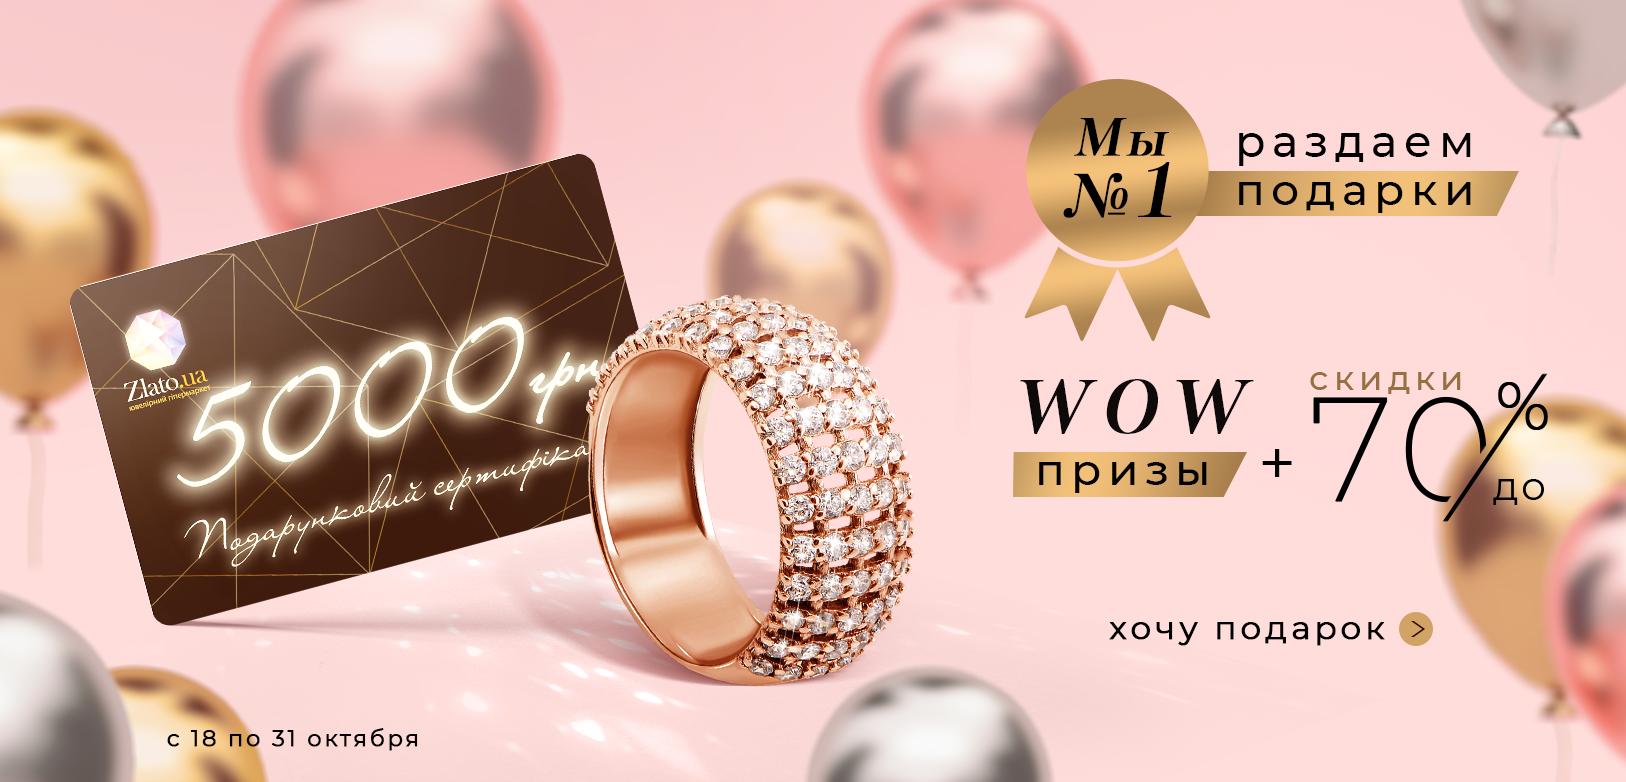 Мы №1 E-commerce-ритейлер года в jewelry, празднуй вместе с нами!